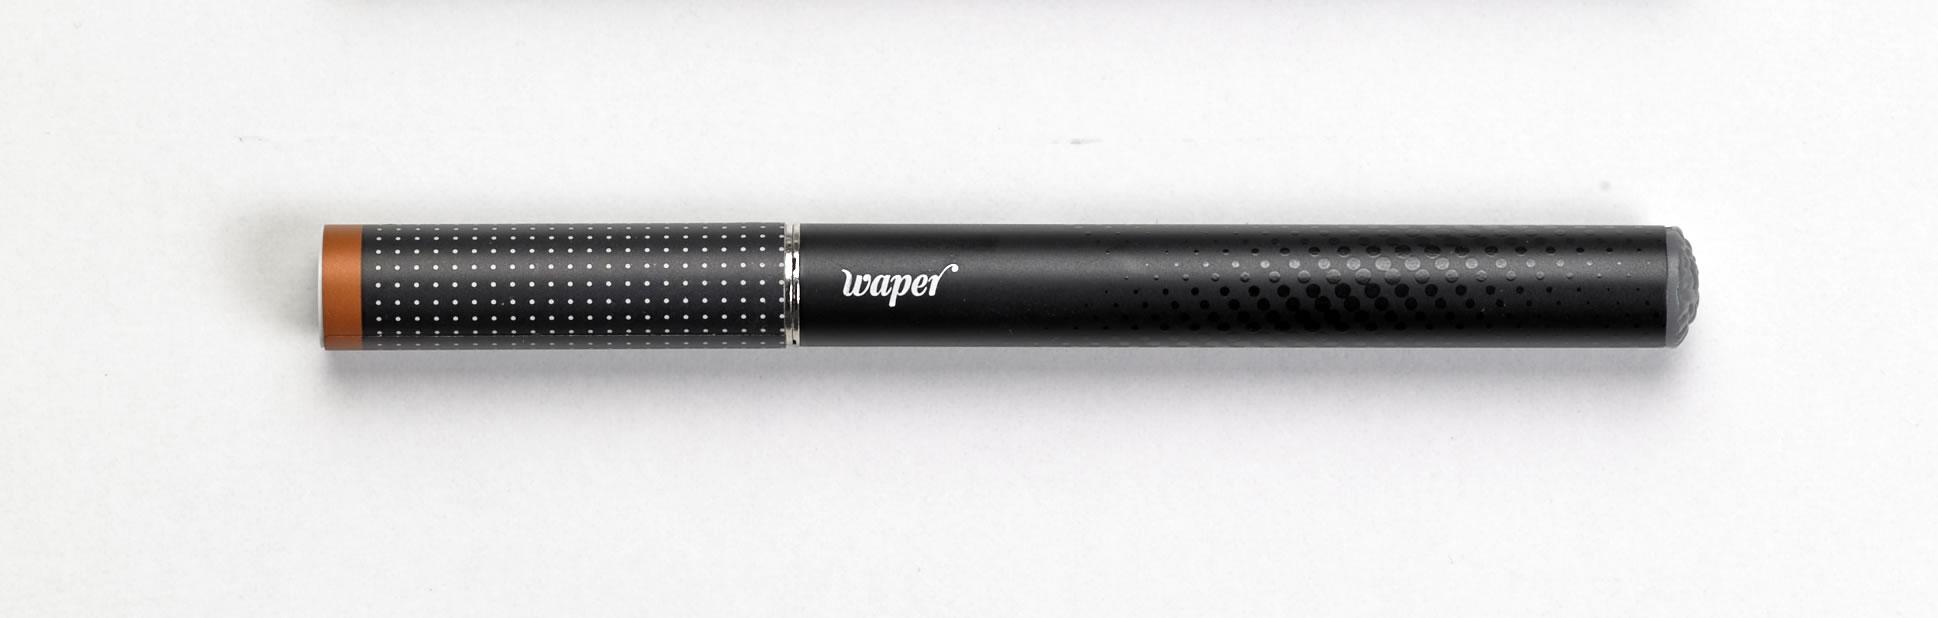 waper_CigarrilloCON